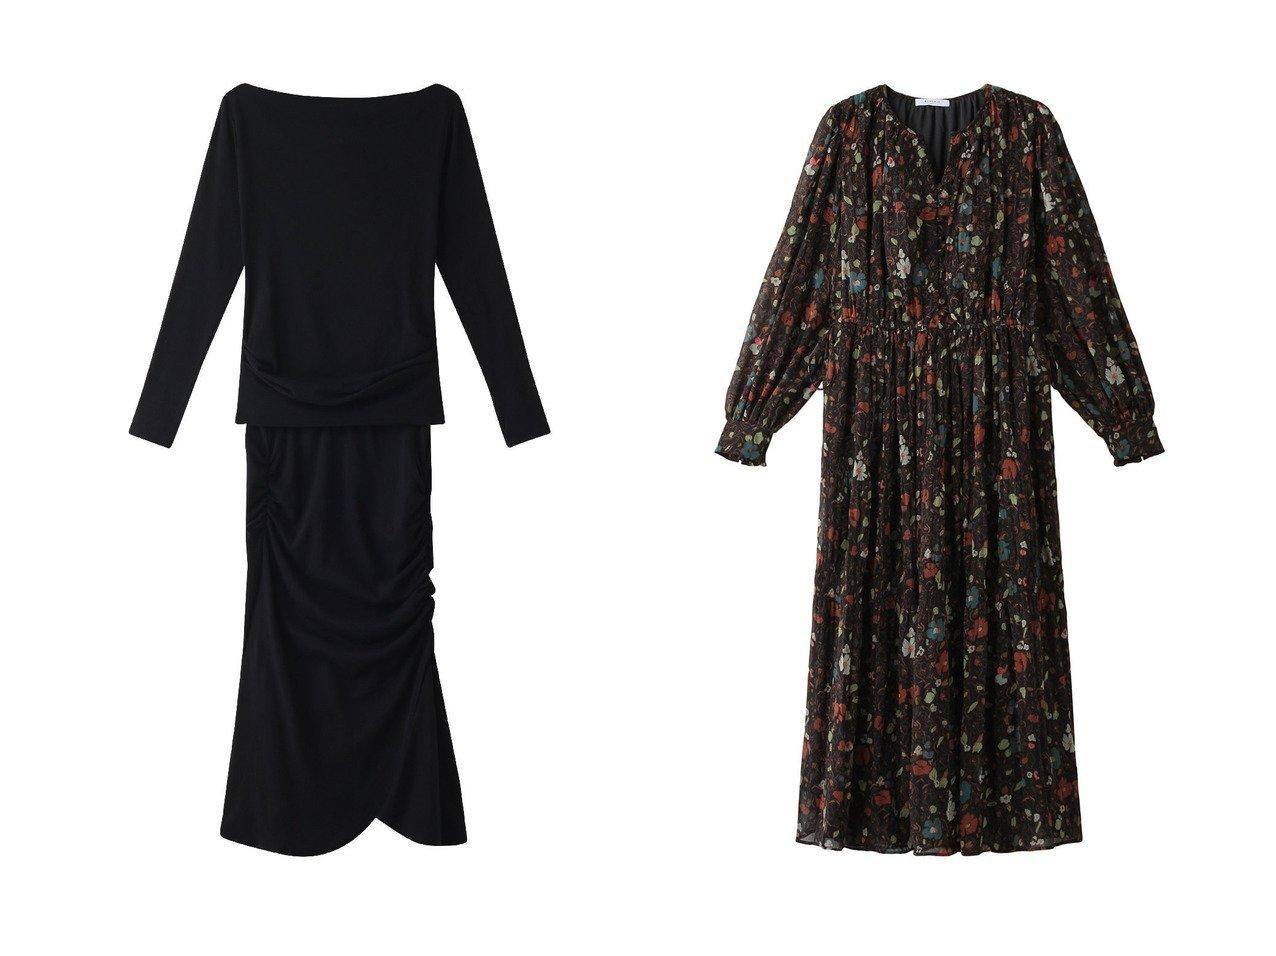 【ROSE BUD/ローズバッド】のフラワープリントプリーツワンピース&【+FOUR CORNERS/フォーコーナーズ】の【Junko Kato×+FOUR CORNERS】セットアップ ワンピース・ドレスのおすすめ!人気、レディースファッションの通販  おすすめで人気のファッション通販商品 インテリア・家具・キッズファッション・メンズファッション・レディースファッション・服の通販 founy(ファニー) https://founy.com/ ファッション Fashion レディース WOMEN トップス Tops Tshirt シャツ/ブラウス Shirts Blouses カットソー Cut and Sewn ワンピース Dress オフショル スリーブ セットアップ ドレープ ロング スニーカー バランス フェミニン フラワー プリント プリーツ リボン ヴィンテージ  ID:crp329100000004265